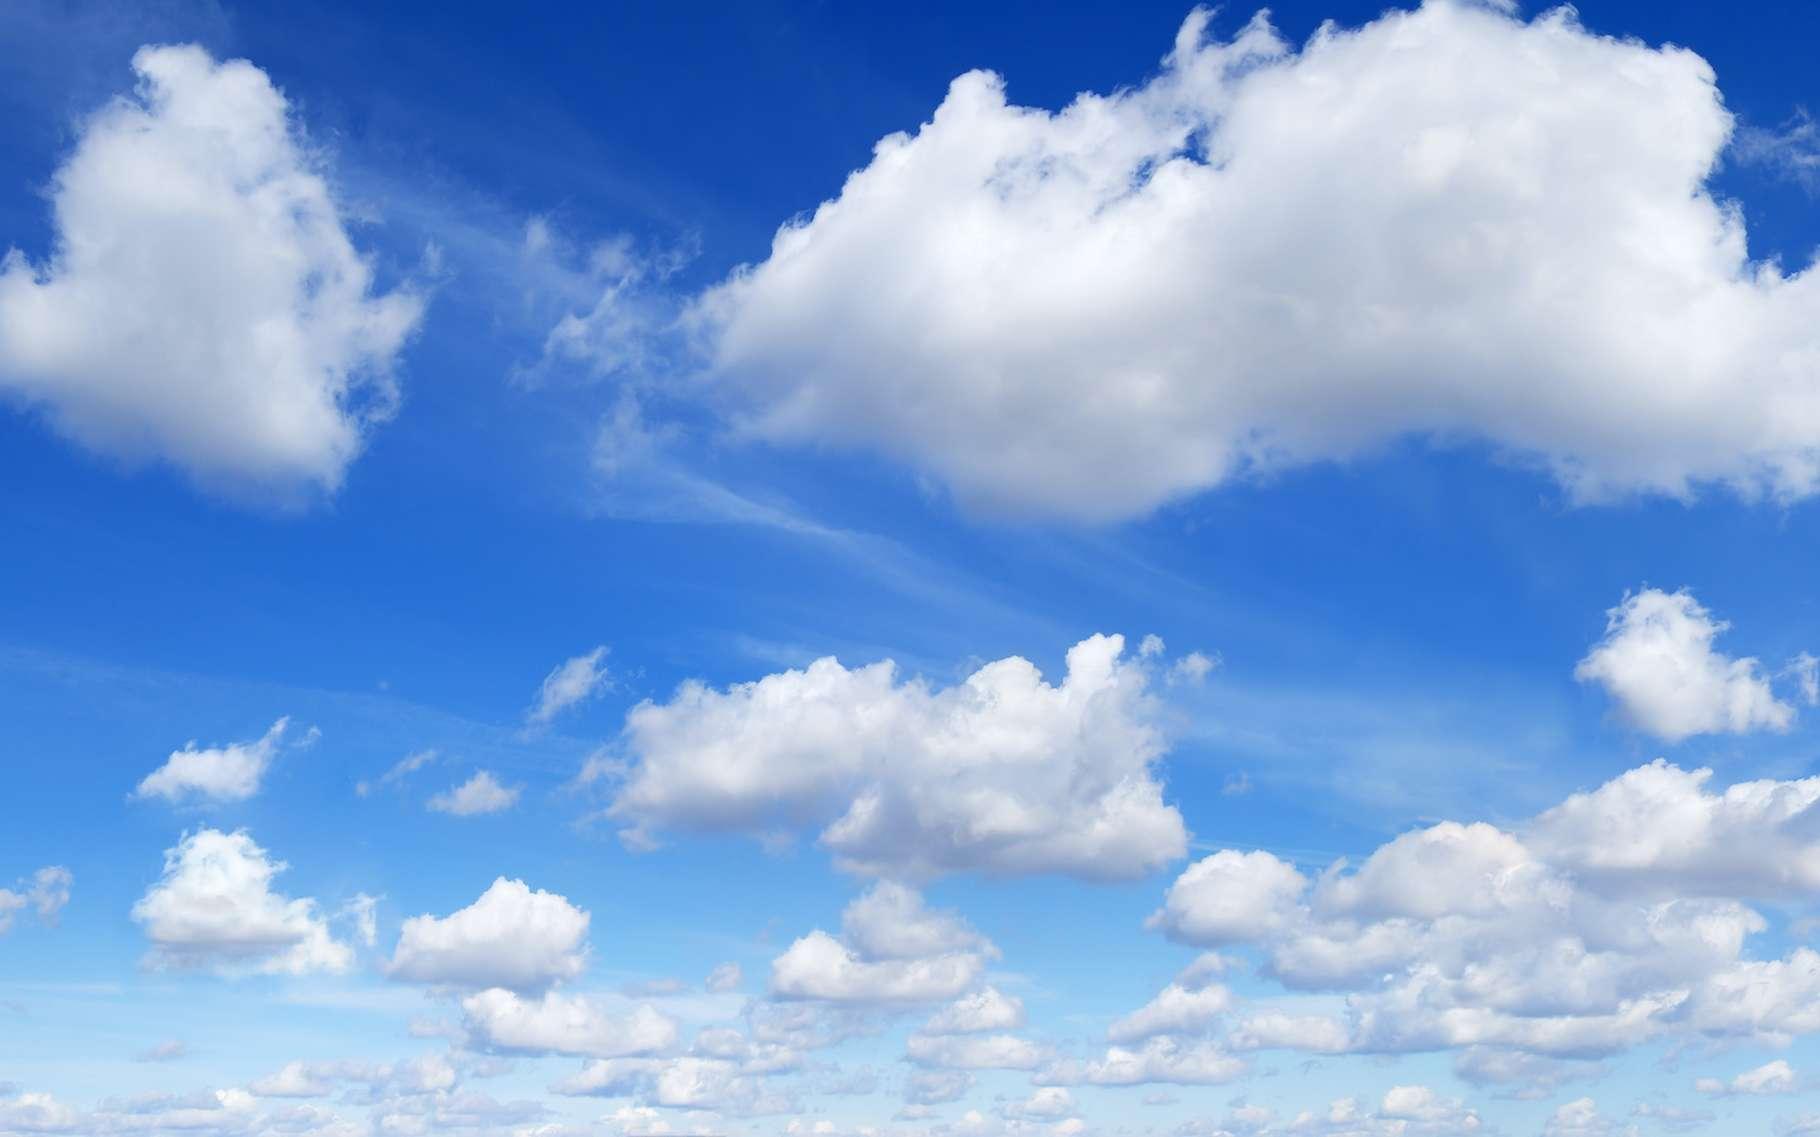 Les modèles climatiques qui incluent des représentations complexes des phénomènes qui gouvernent la formation et l'évolution des nuages sont plus incertains que les autres. © Trutta, Adobe Stock